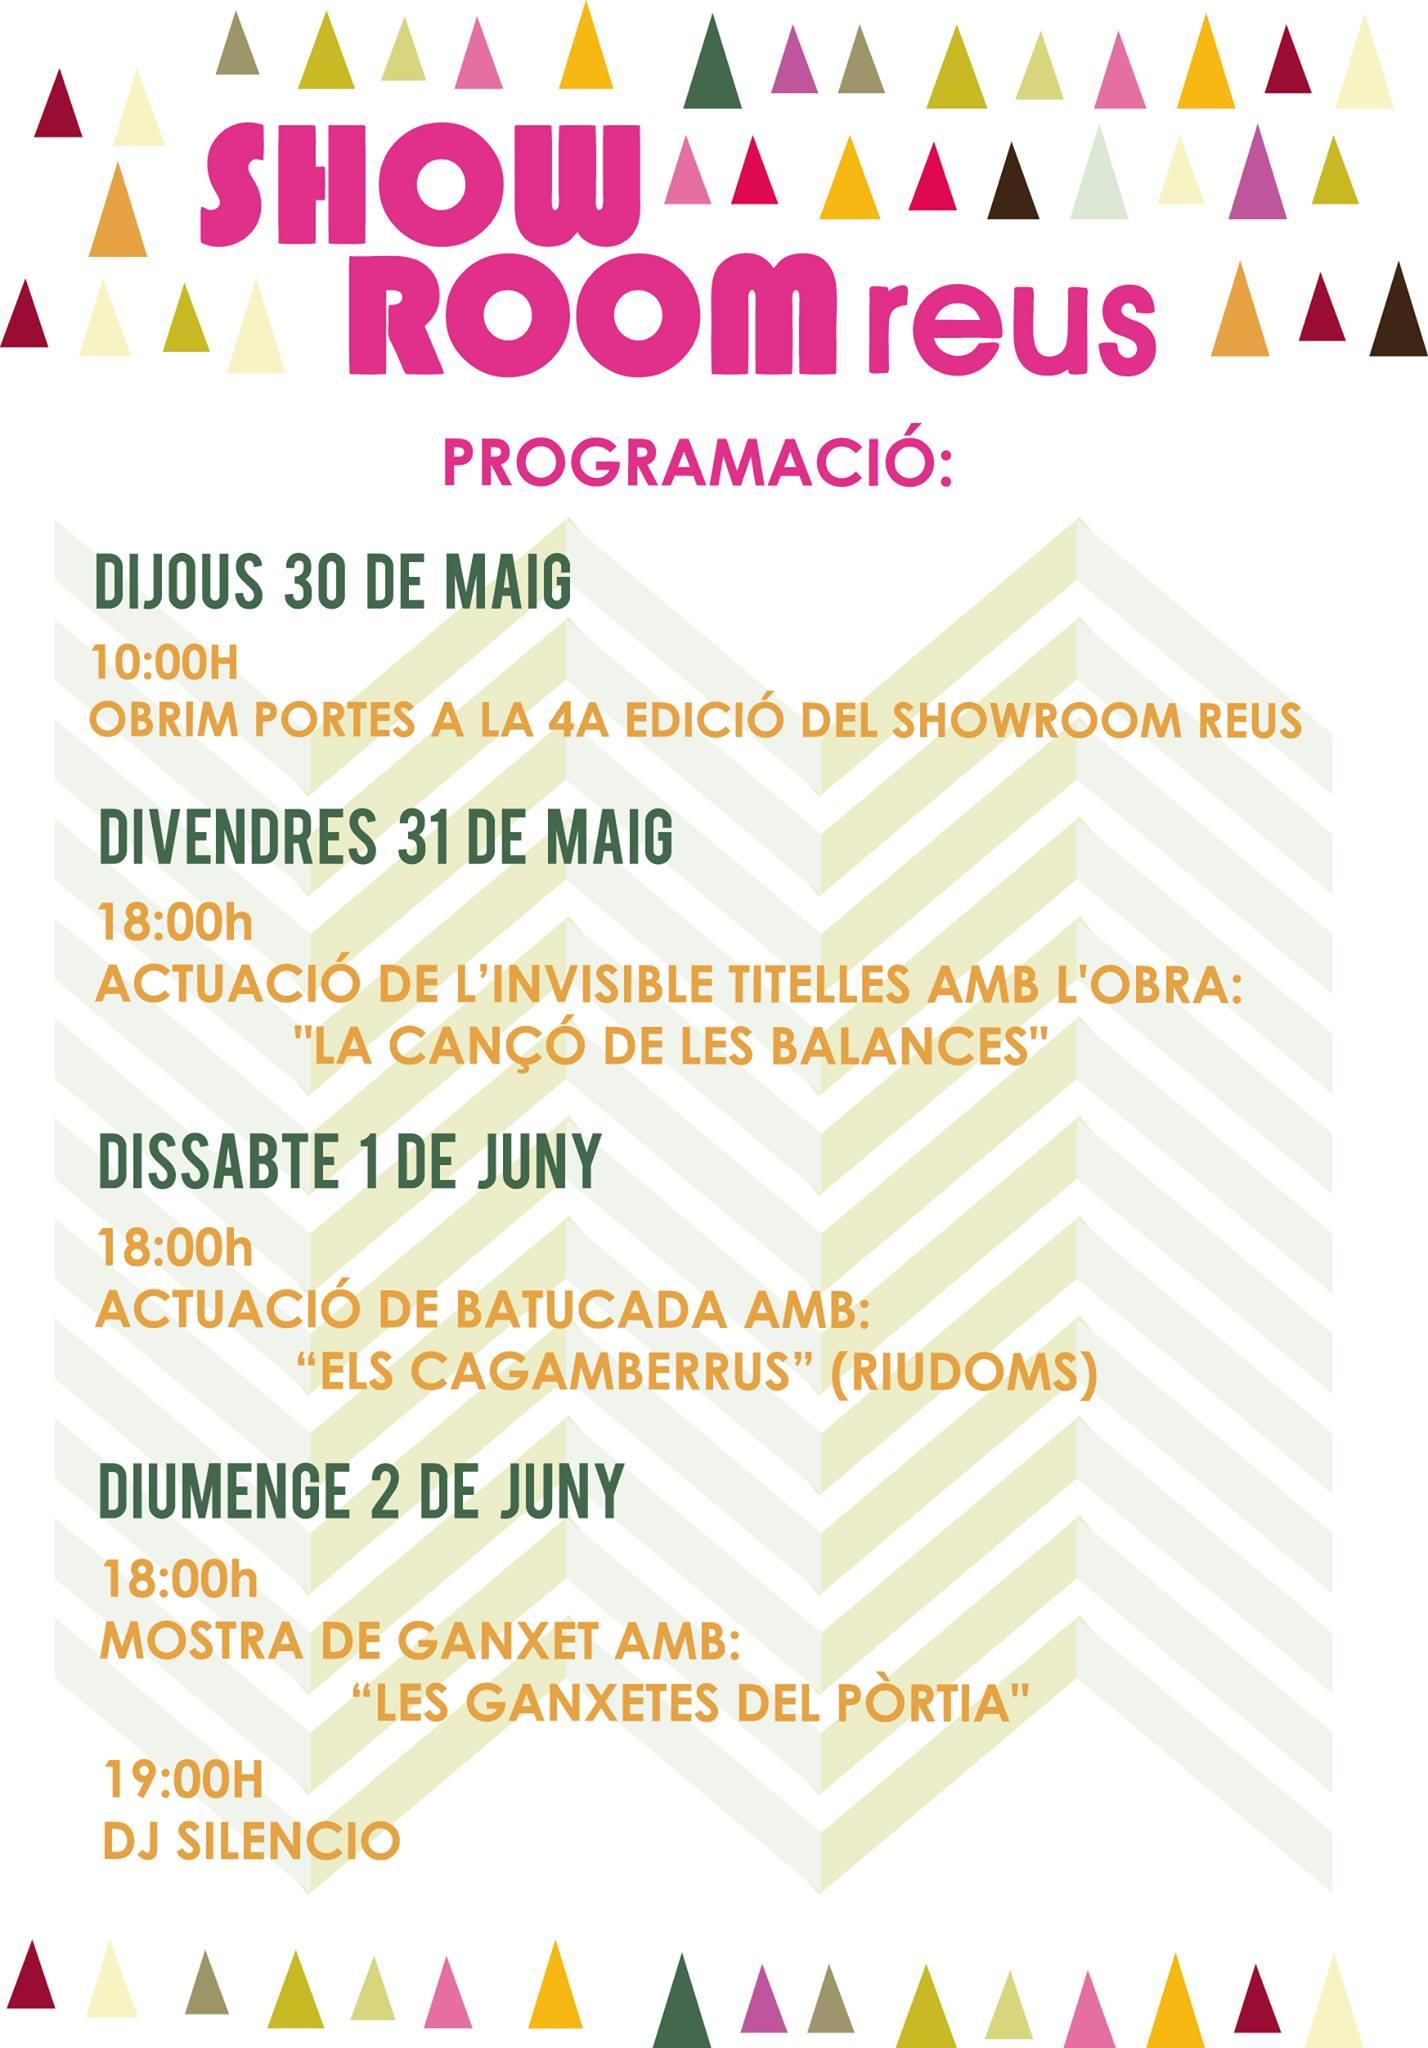 Programació Mercat d'Artesania Reus maig 2013